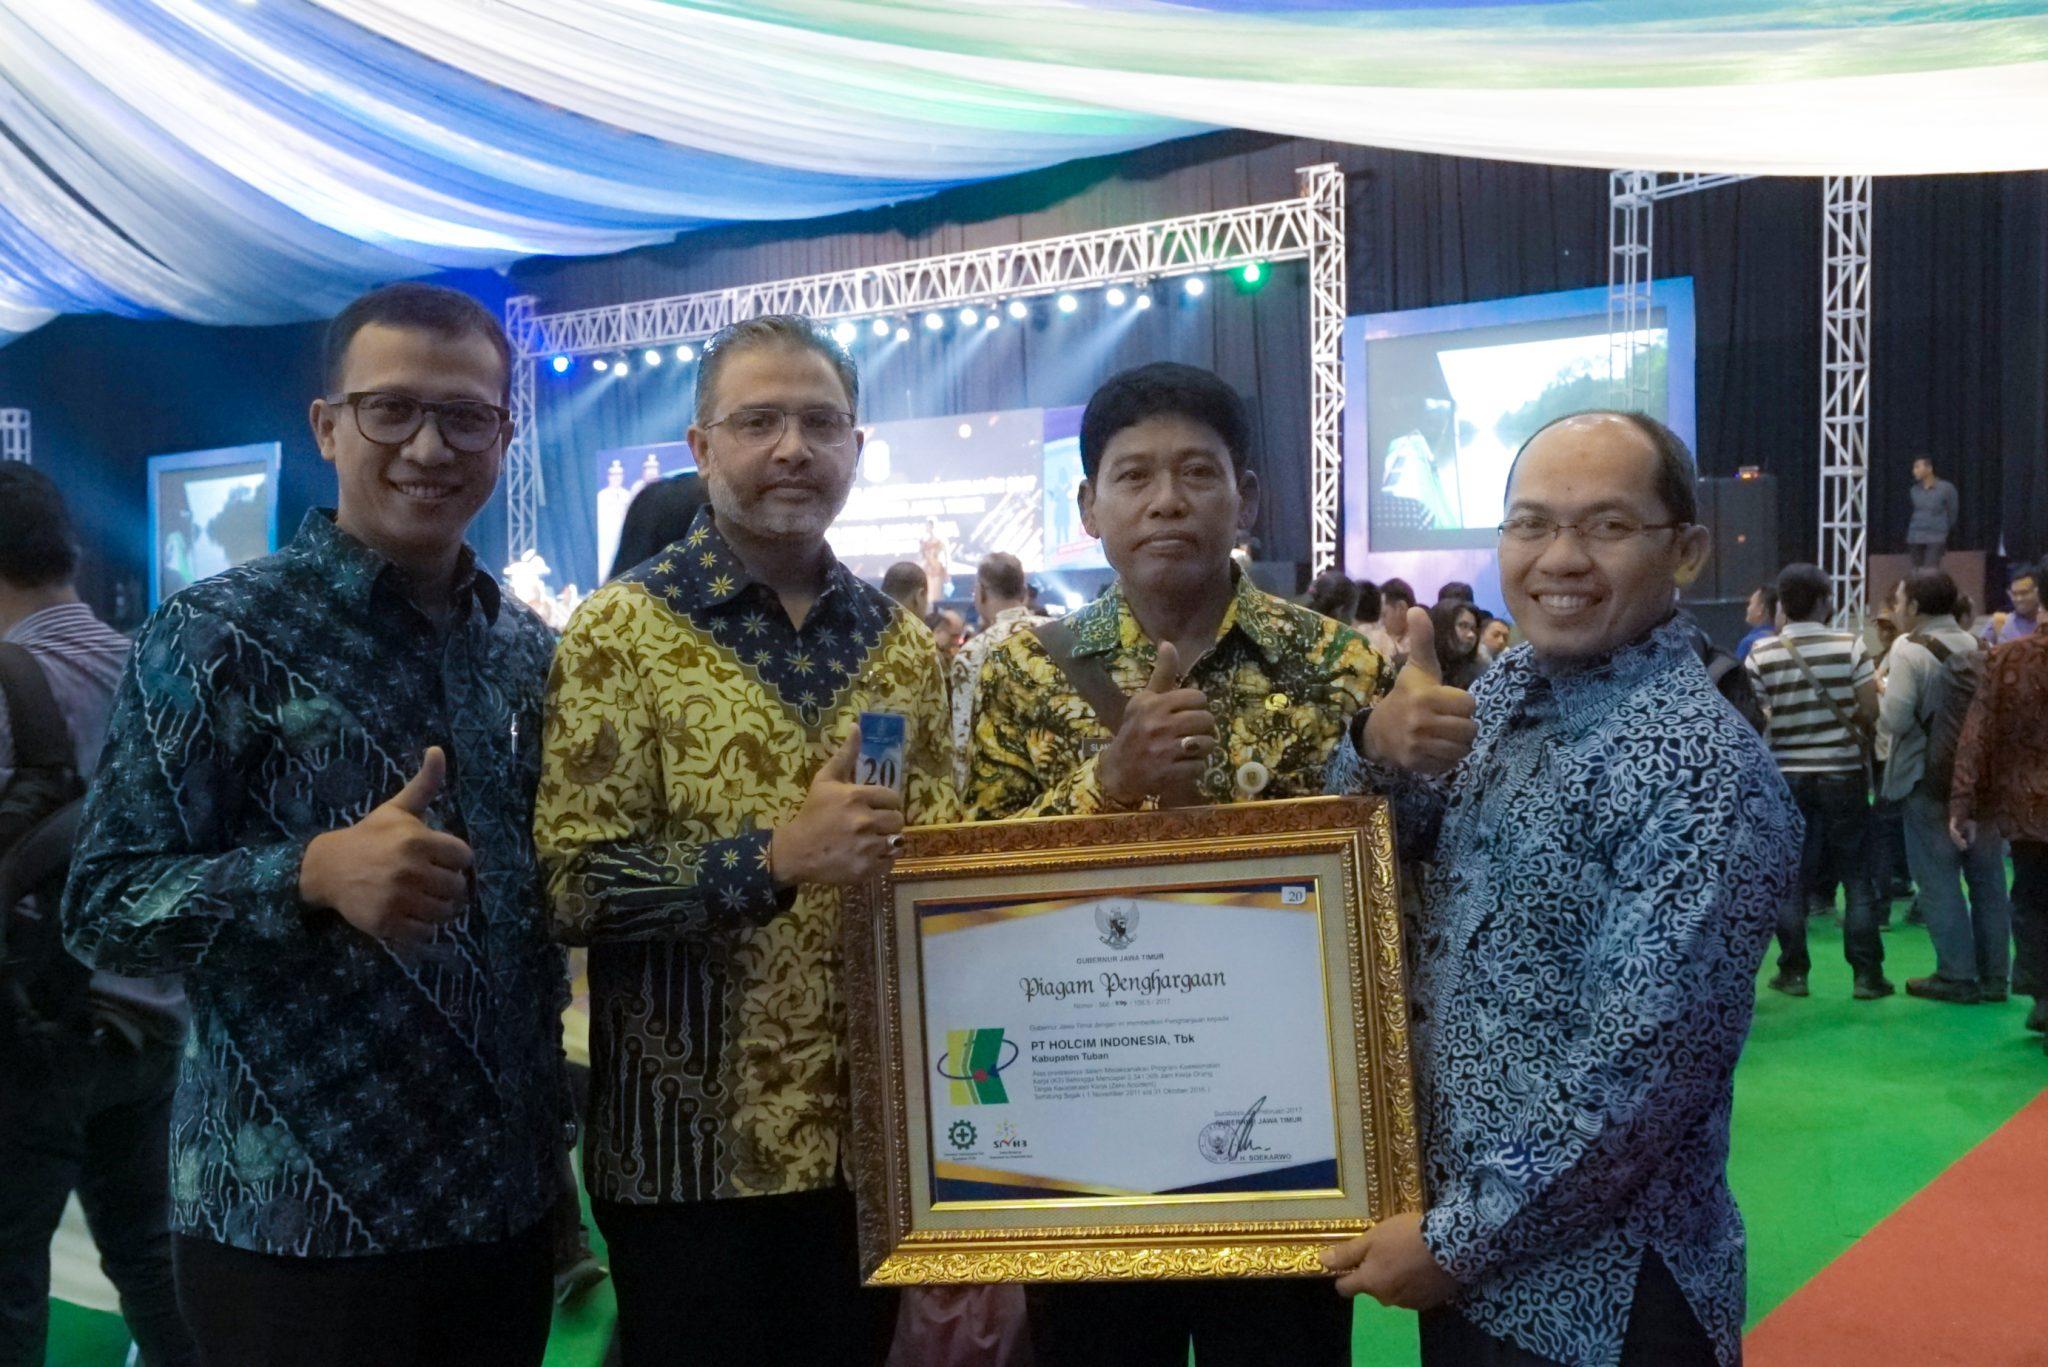 Mir Kazim Ali (kedua dari kiri) bersama Selamet (Perwakilan Disnaker kabpaten Tuban) dan Chairul Huda, Health & Safety Manager Tuban (paling kanan)